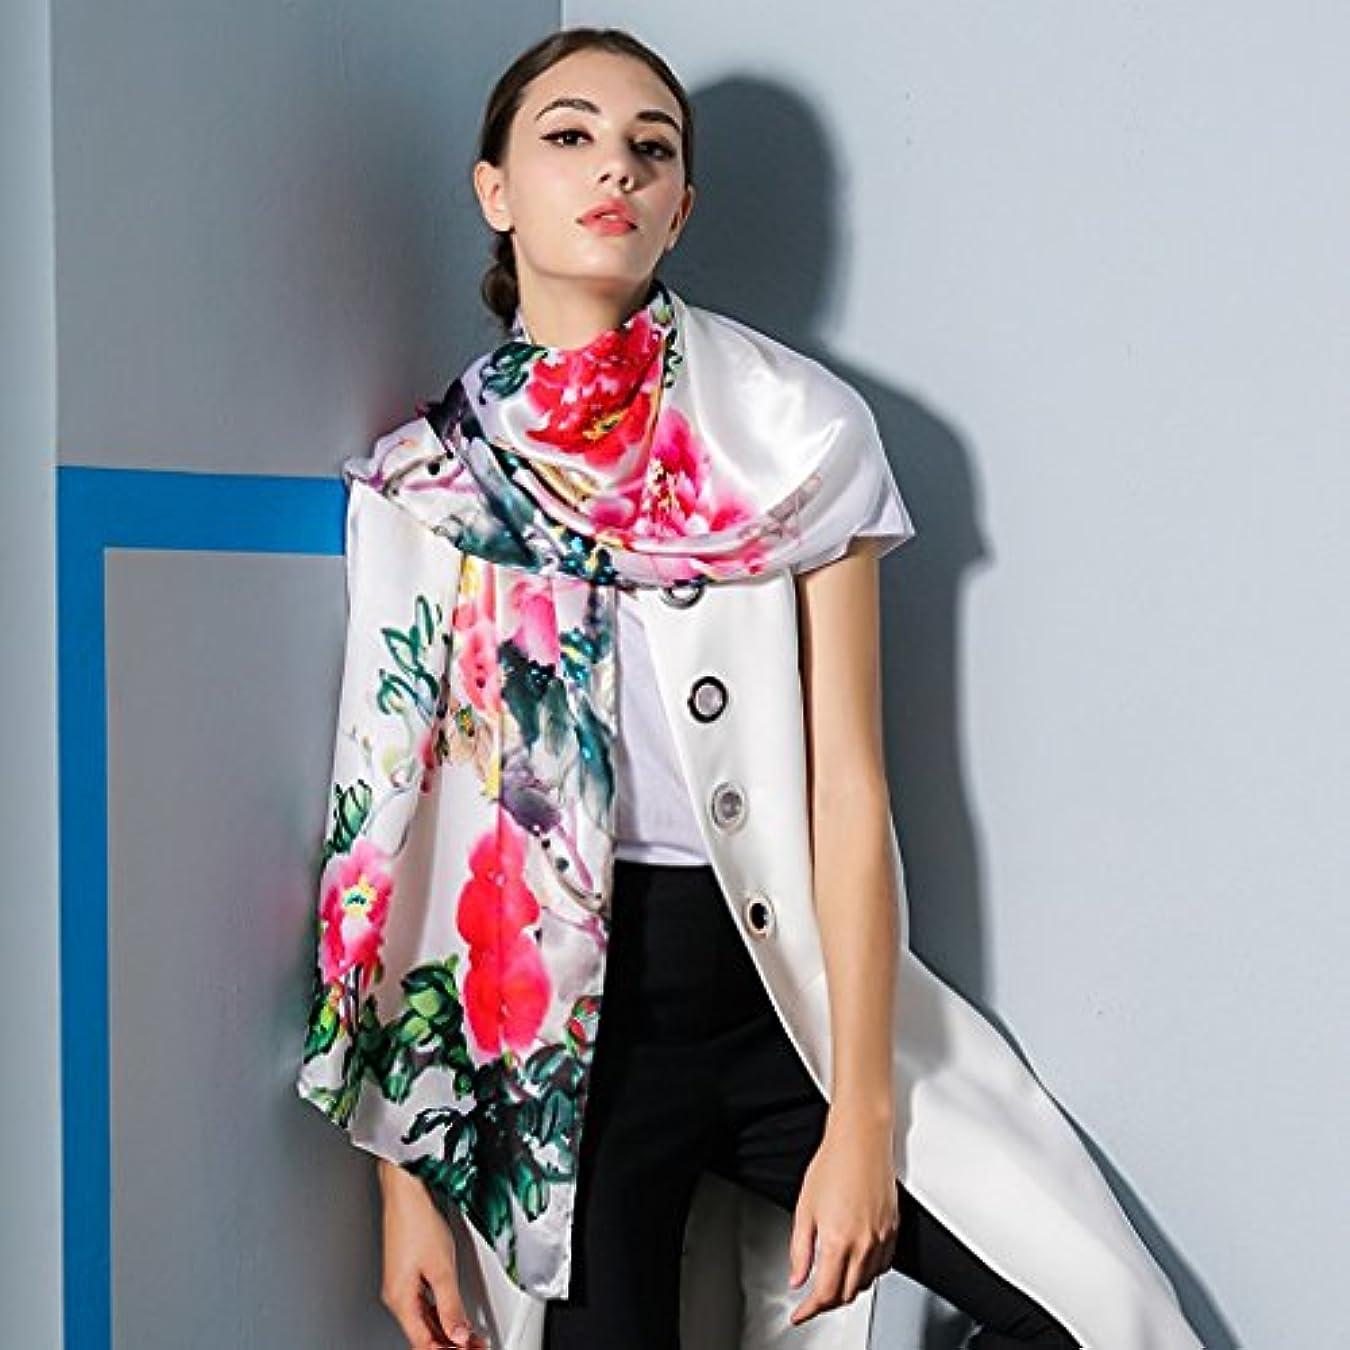 勝つ行動コアGAODUZI シルクスカーフ女性の夏のシルクスカーフ長いサンショール女性の春と秋の野生のシルクの日焼け止めのスカーフ ( 色 : B )